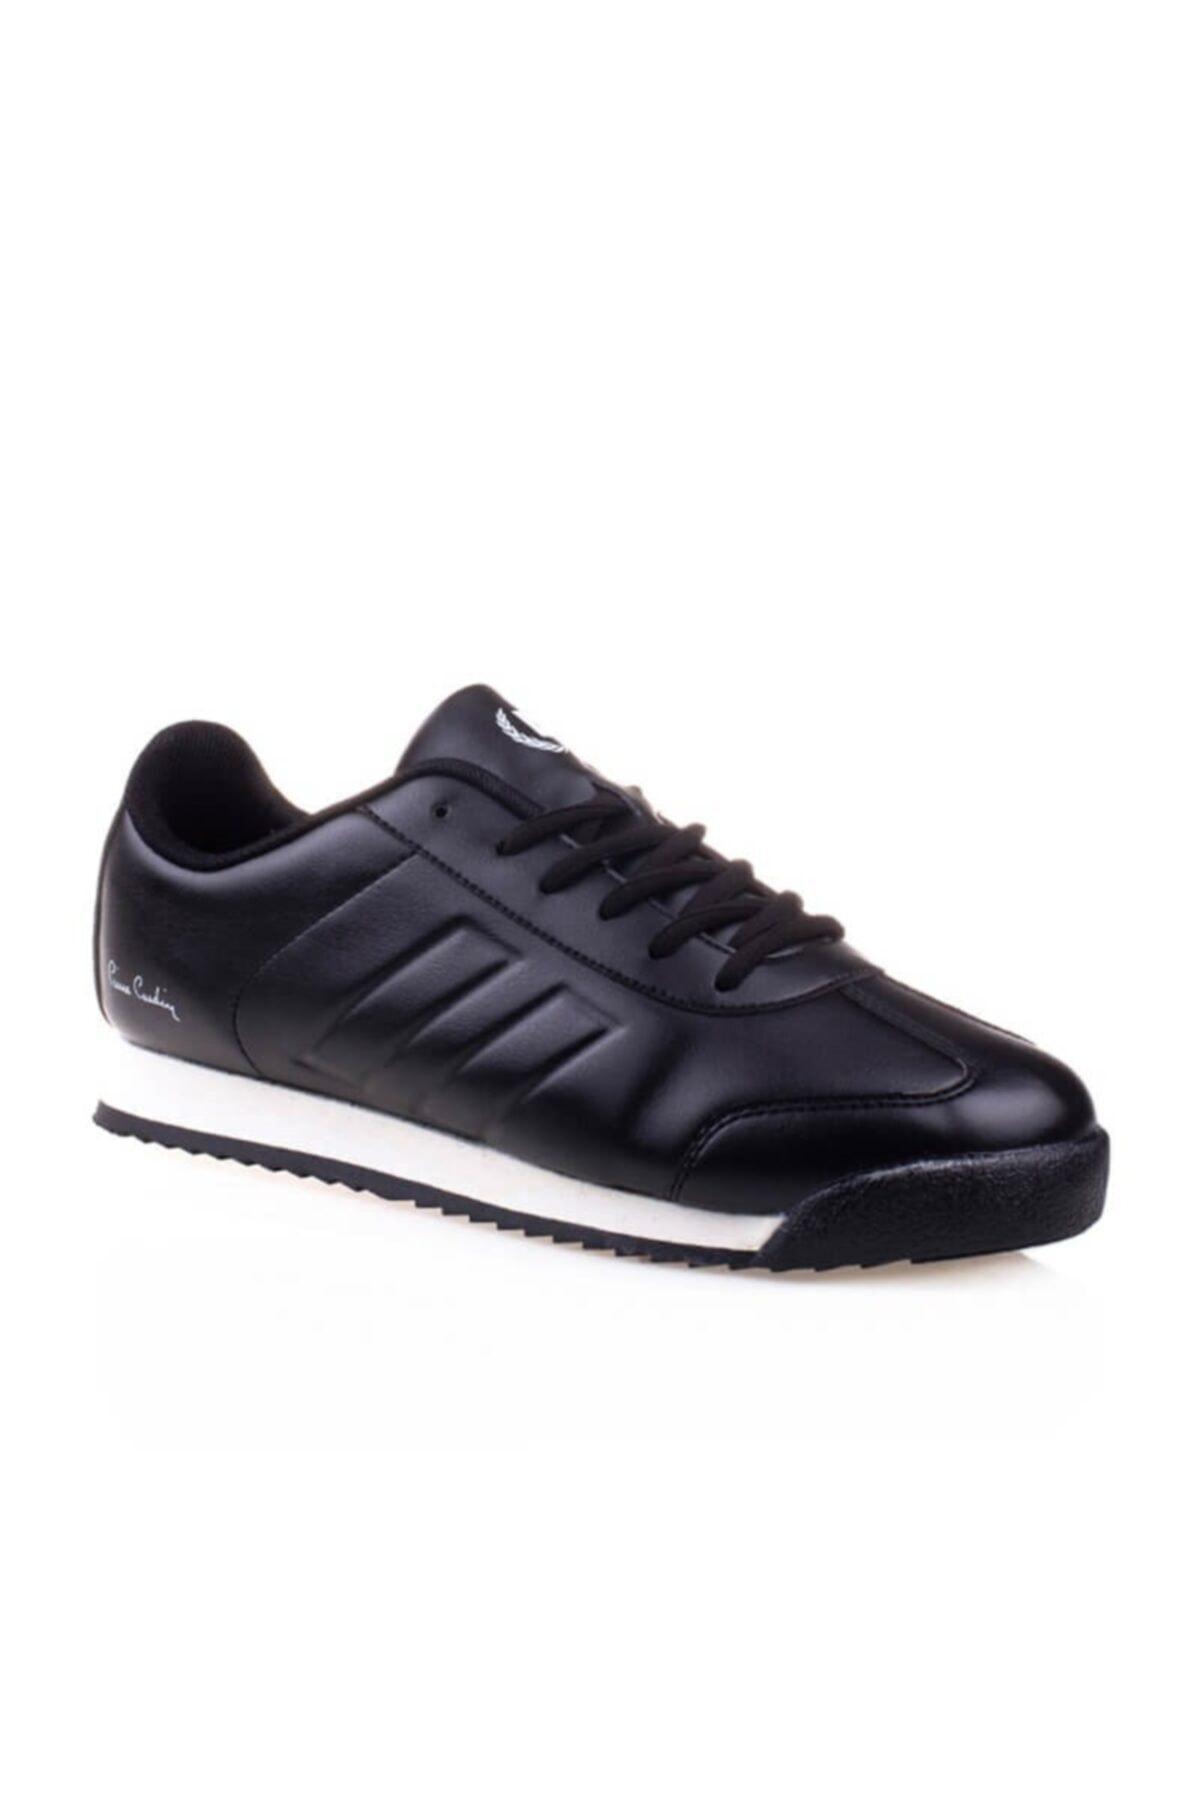 Erkek 4 Mevsim Kauçuk Taban Siyah Spor Ayakkabı